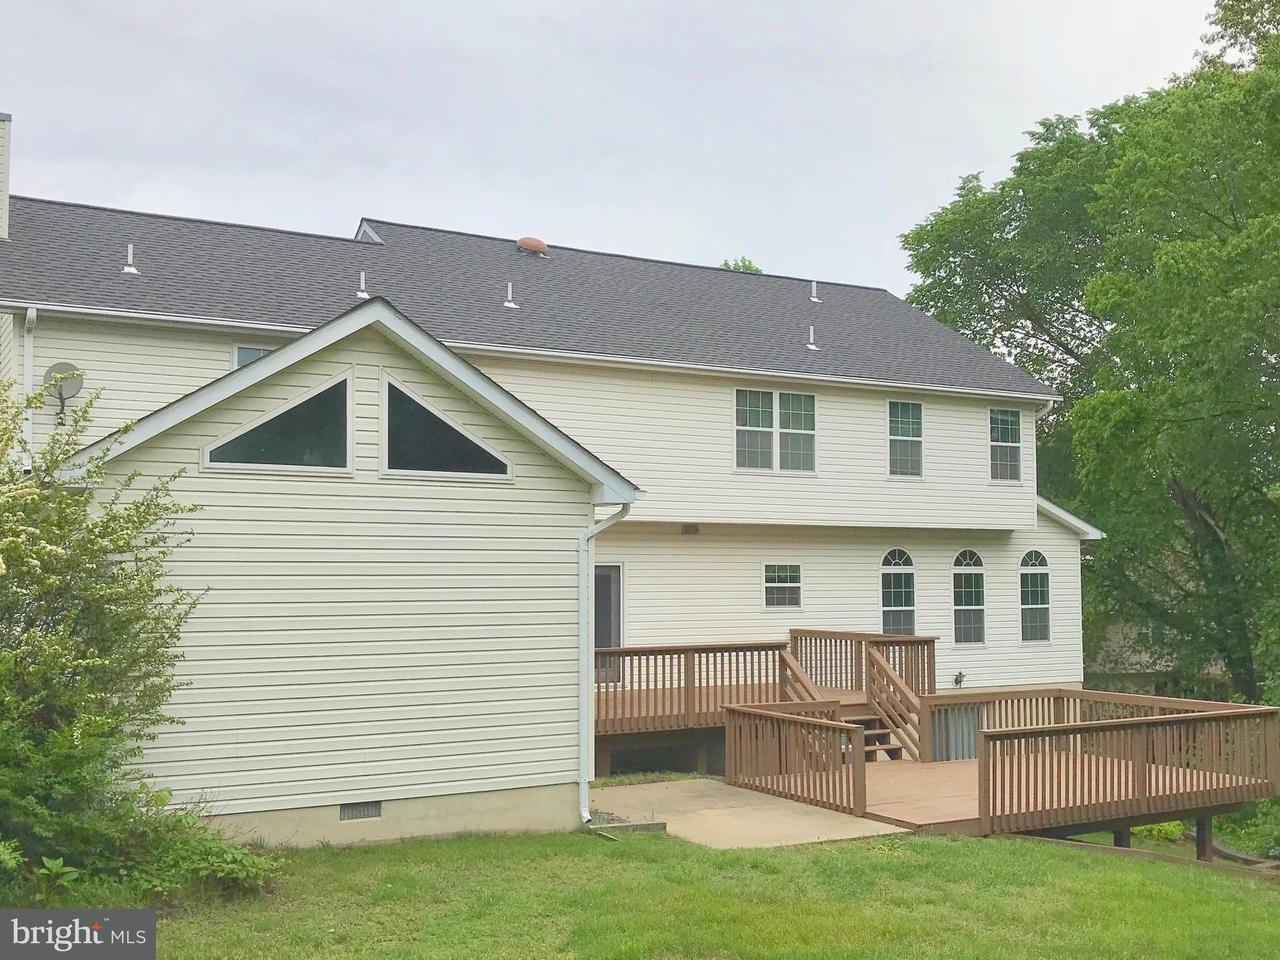 一戸建て のために 売買 アット 4175 Weeping Willow Lane 4175 Weeping Willow Lane Huntingtown, メリーランド 20639 アメリカ合衆国